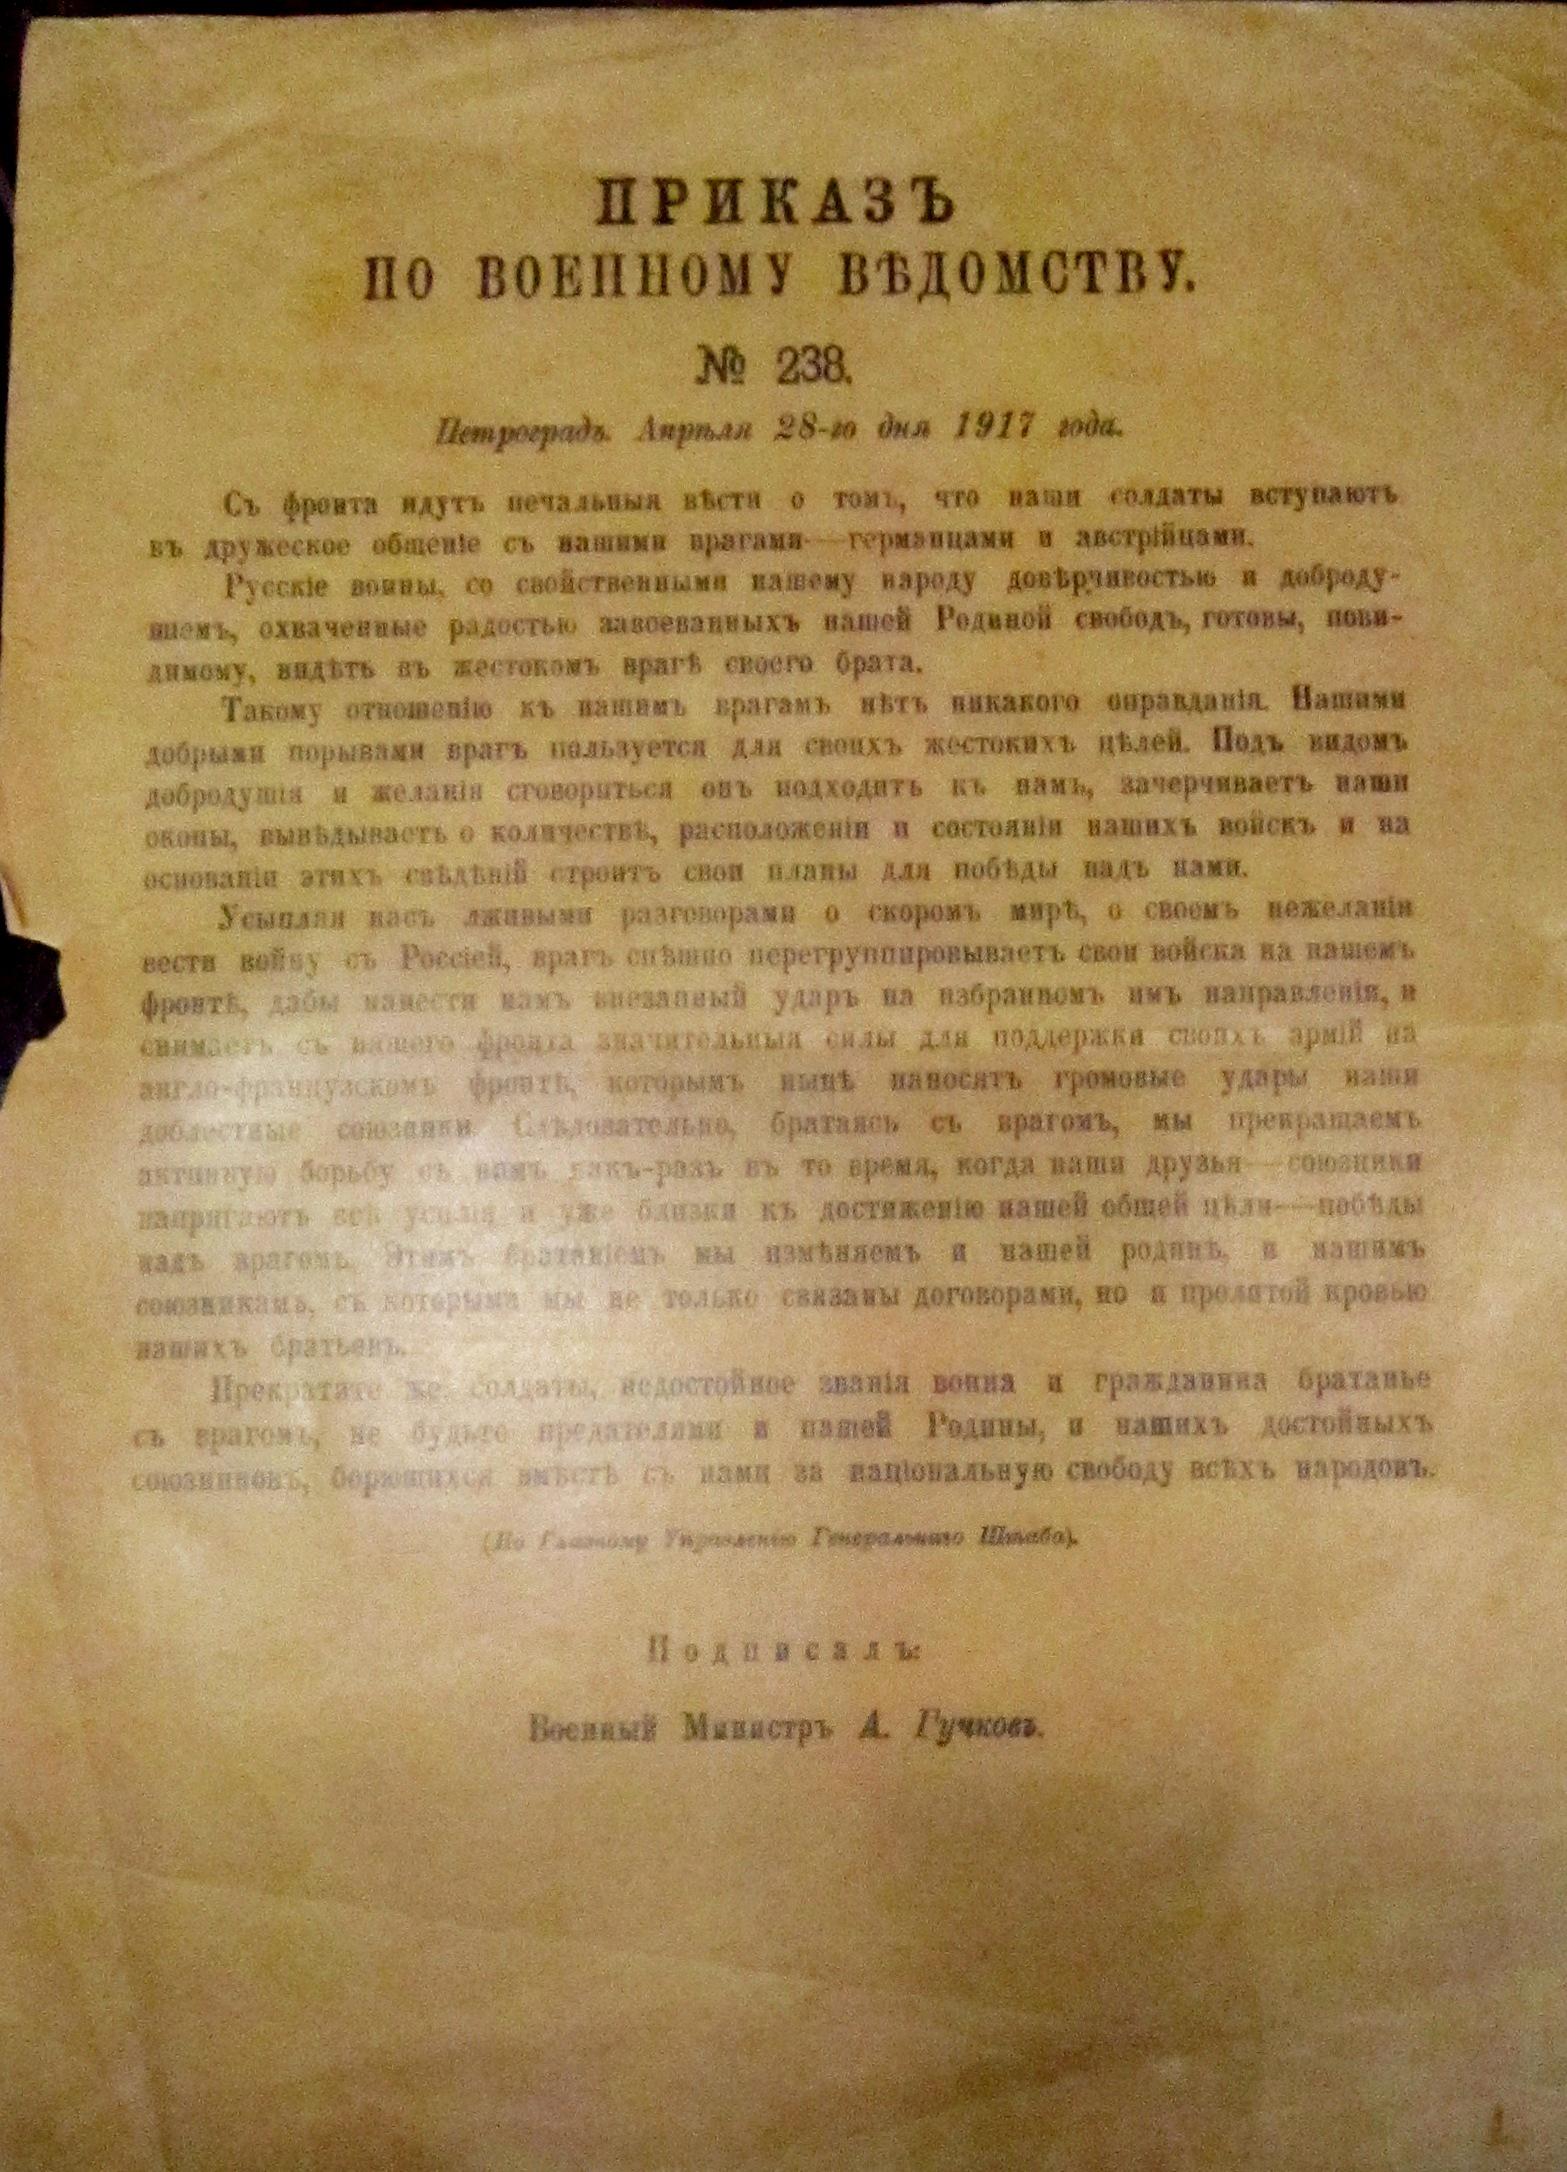 Приказ по военному ведомству № 238 от 28 апреля 1917 года.